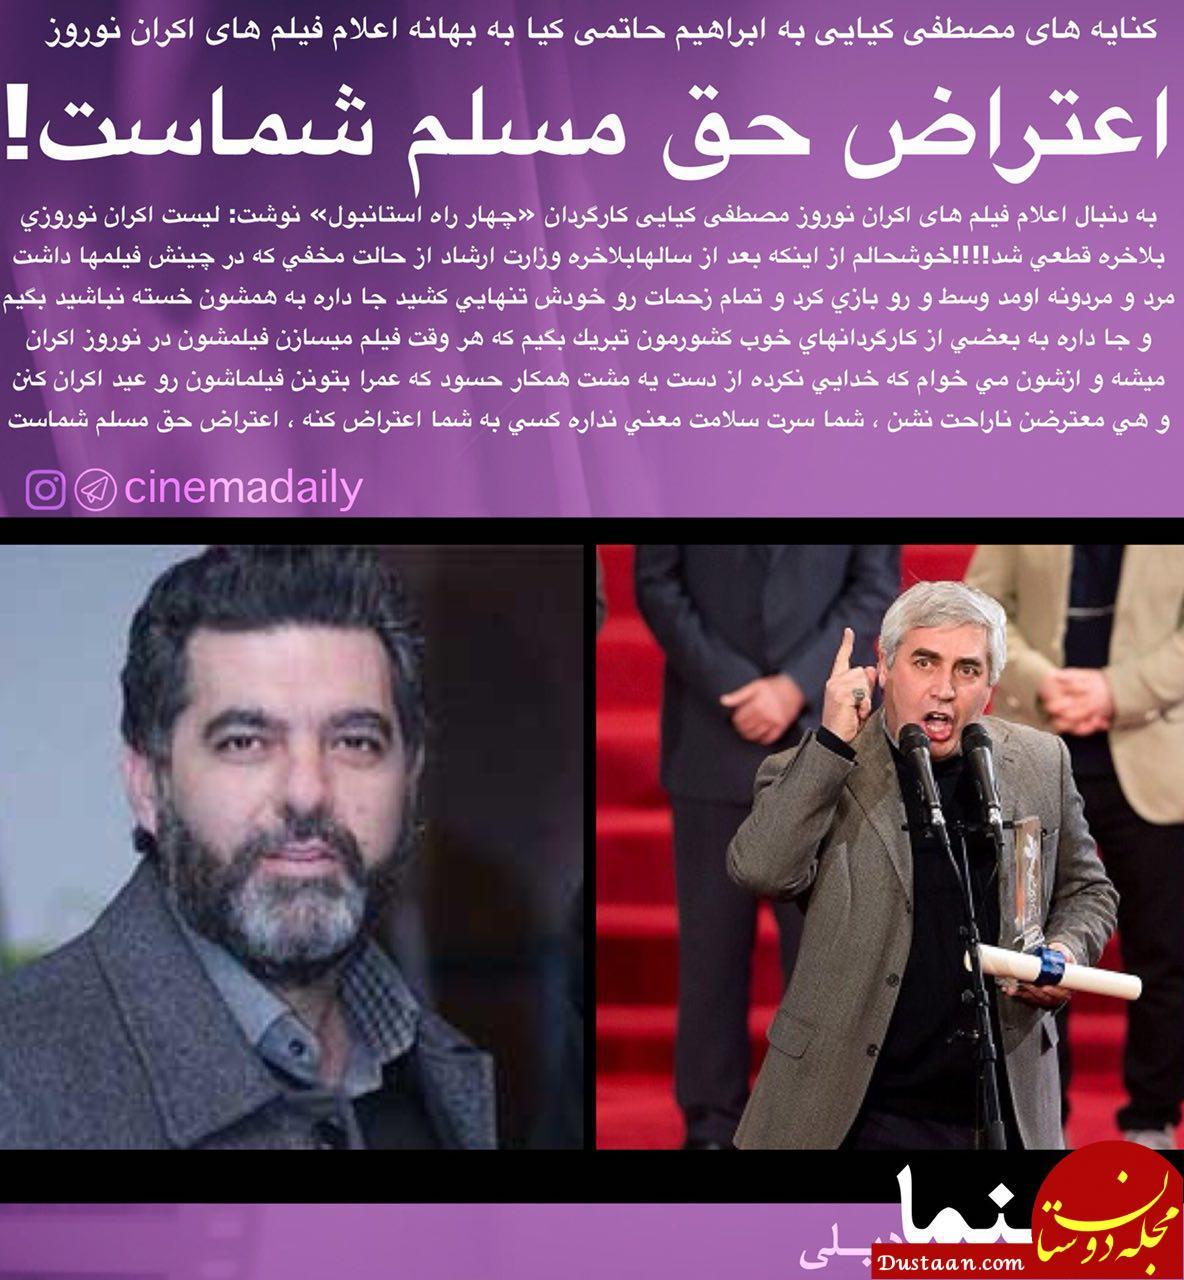 www.dustaan.com کنایه های مصطفی کیایی به ابراهیم حاتمی کیا +عکس